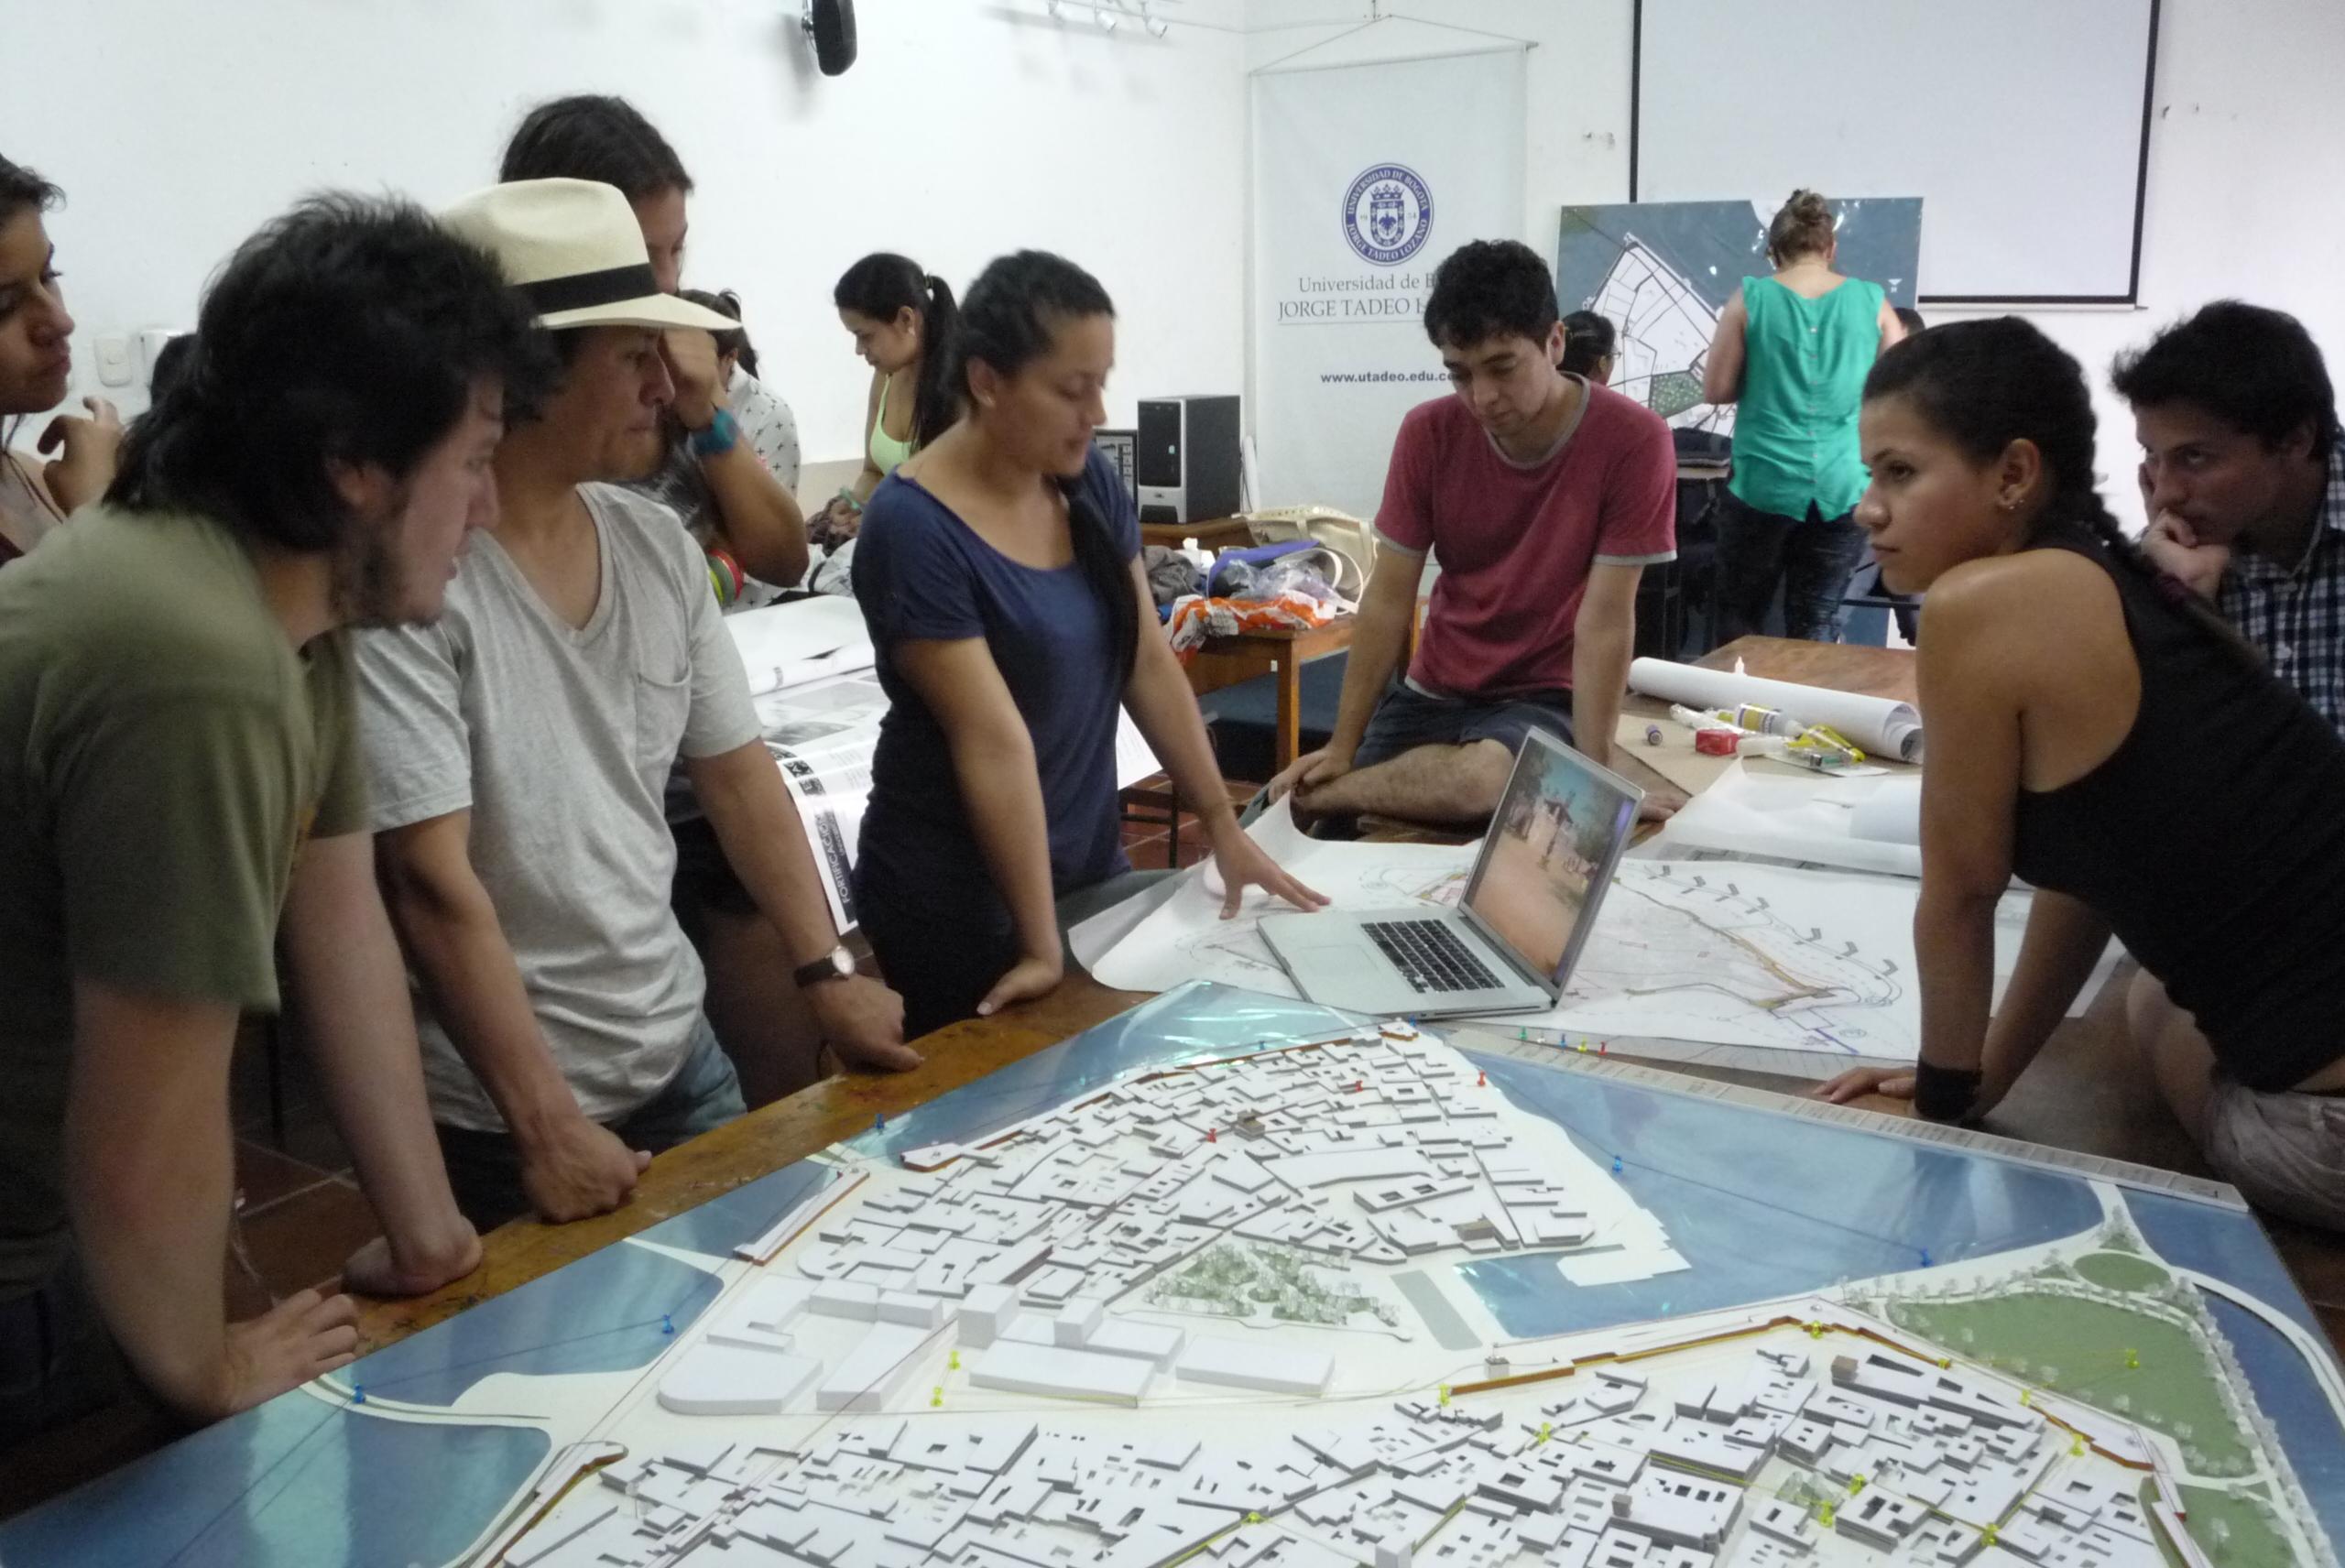 Decano de arquitectura universidad de nari o en taller de for Decano dela facultad de arquitectura